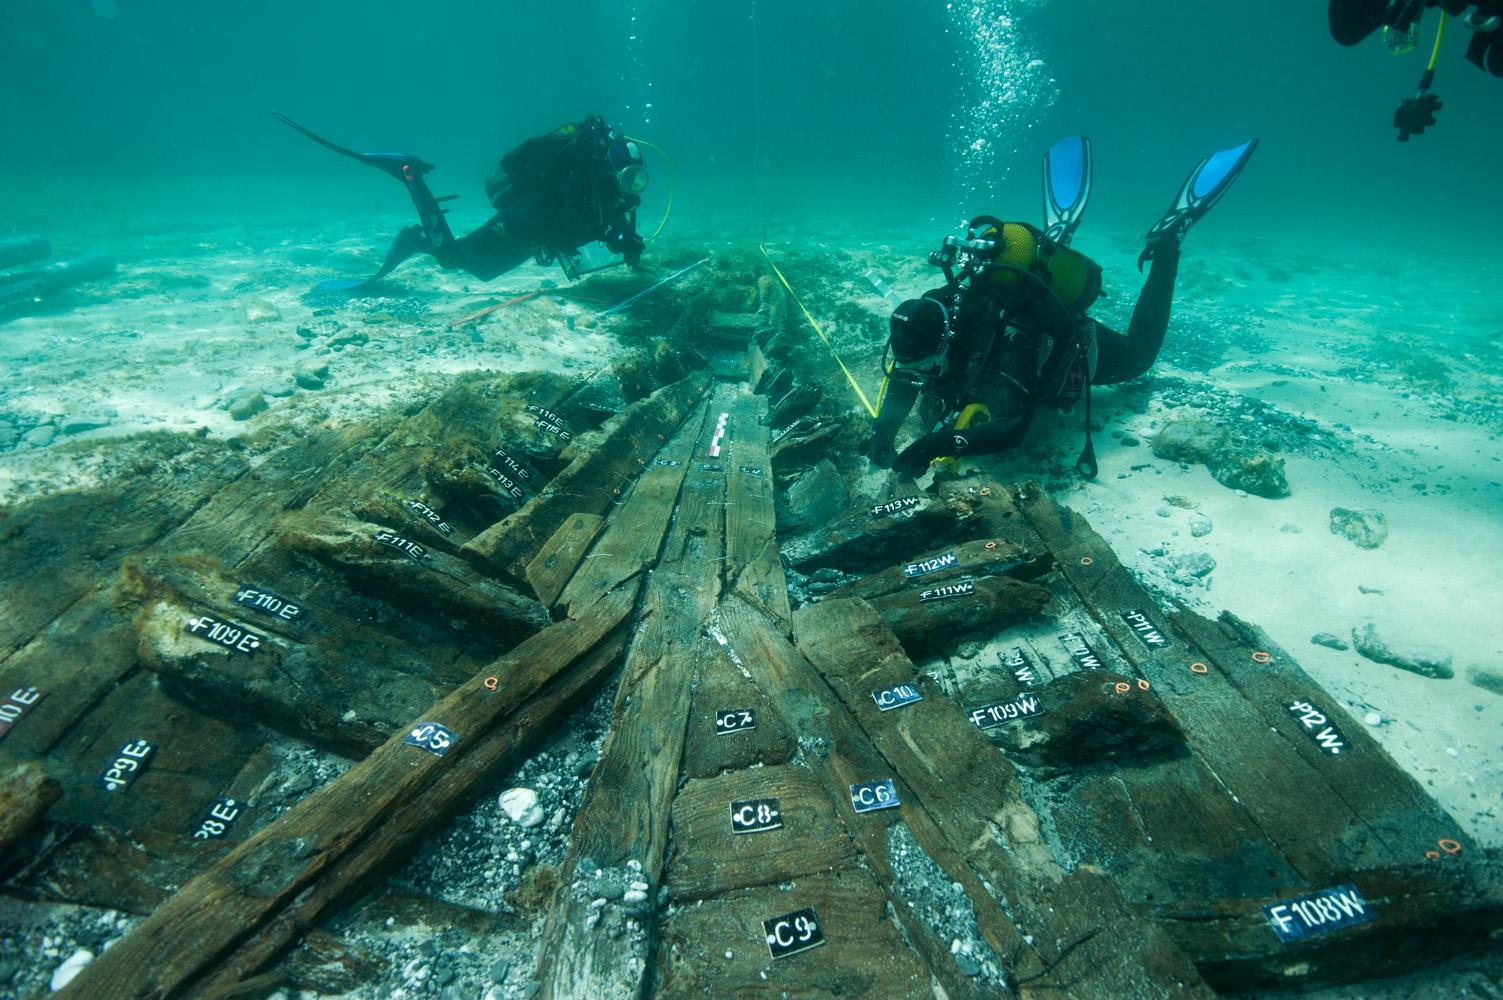 Les premiers mètres dégagés de l'épave de Paragan (Photo ; Lionel Roux)